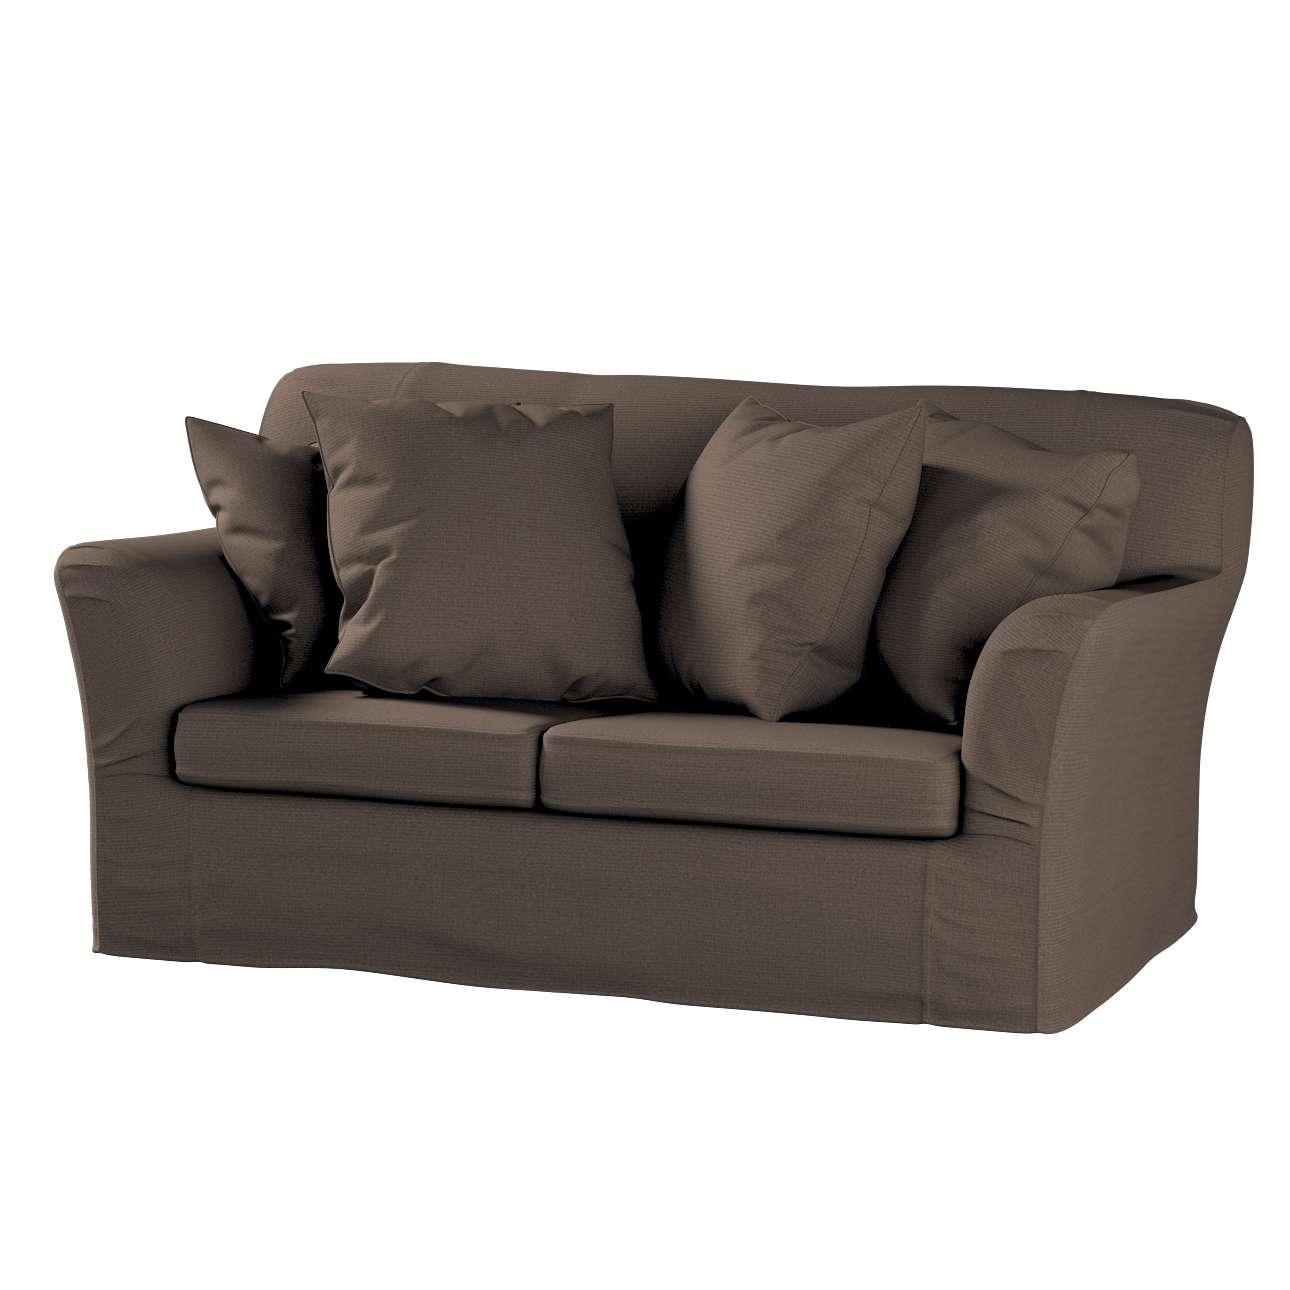 Pokrowiec na sofę Tomelilla 2-osobową nierozkładaną Sofa Tomelilla 2-osobowa w kolekcji Etna , tkanina: 705-08